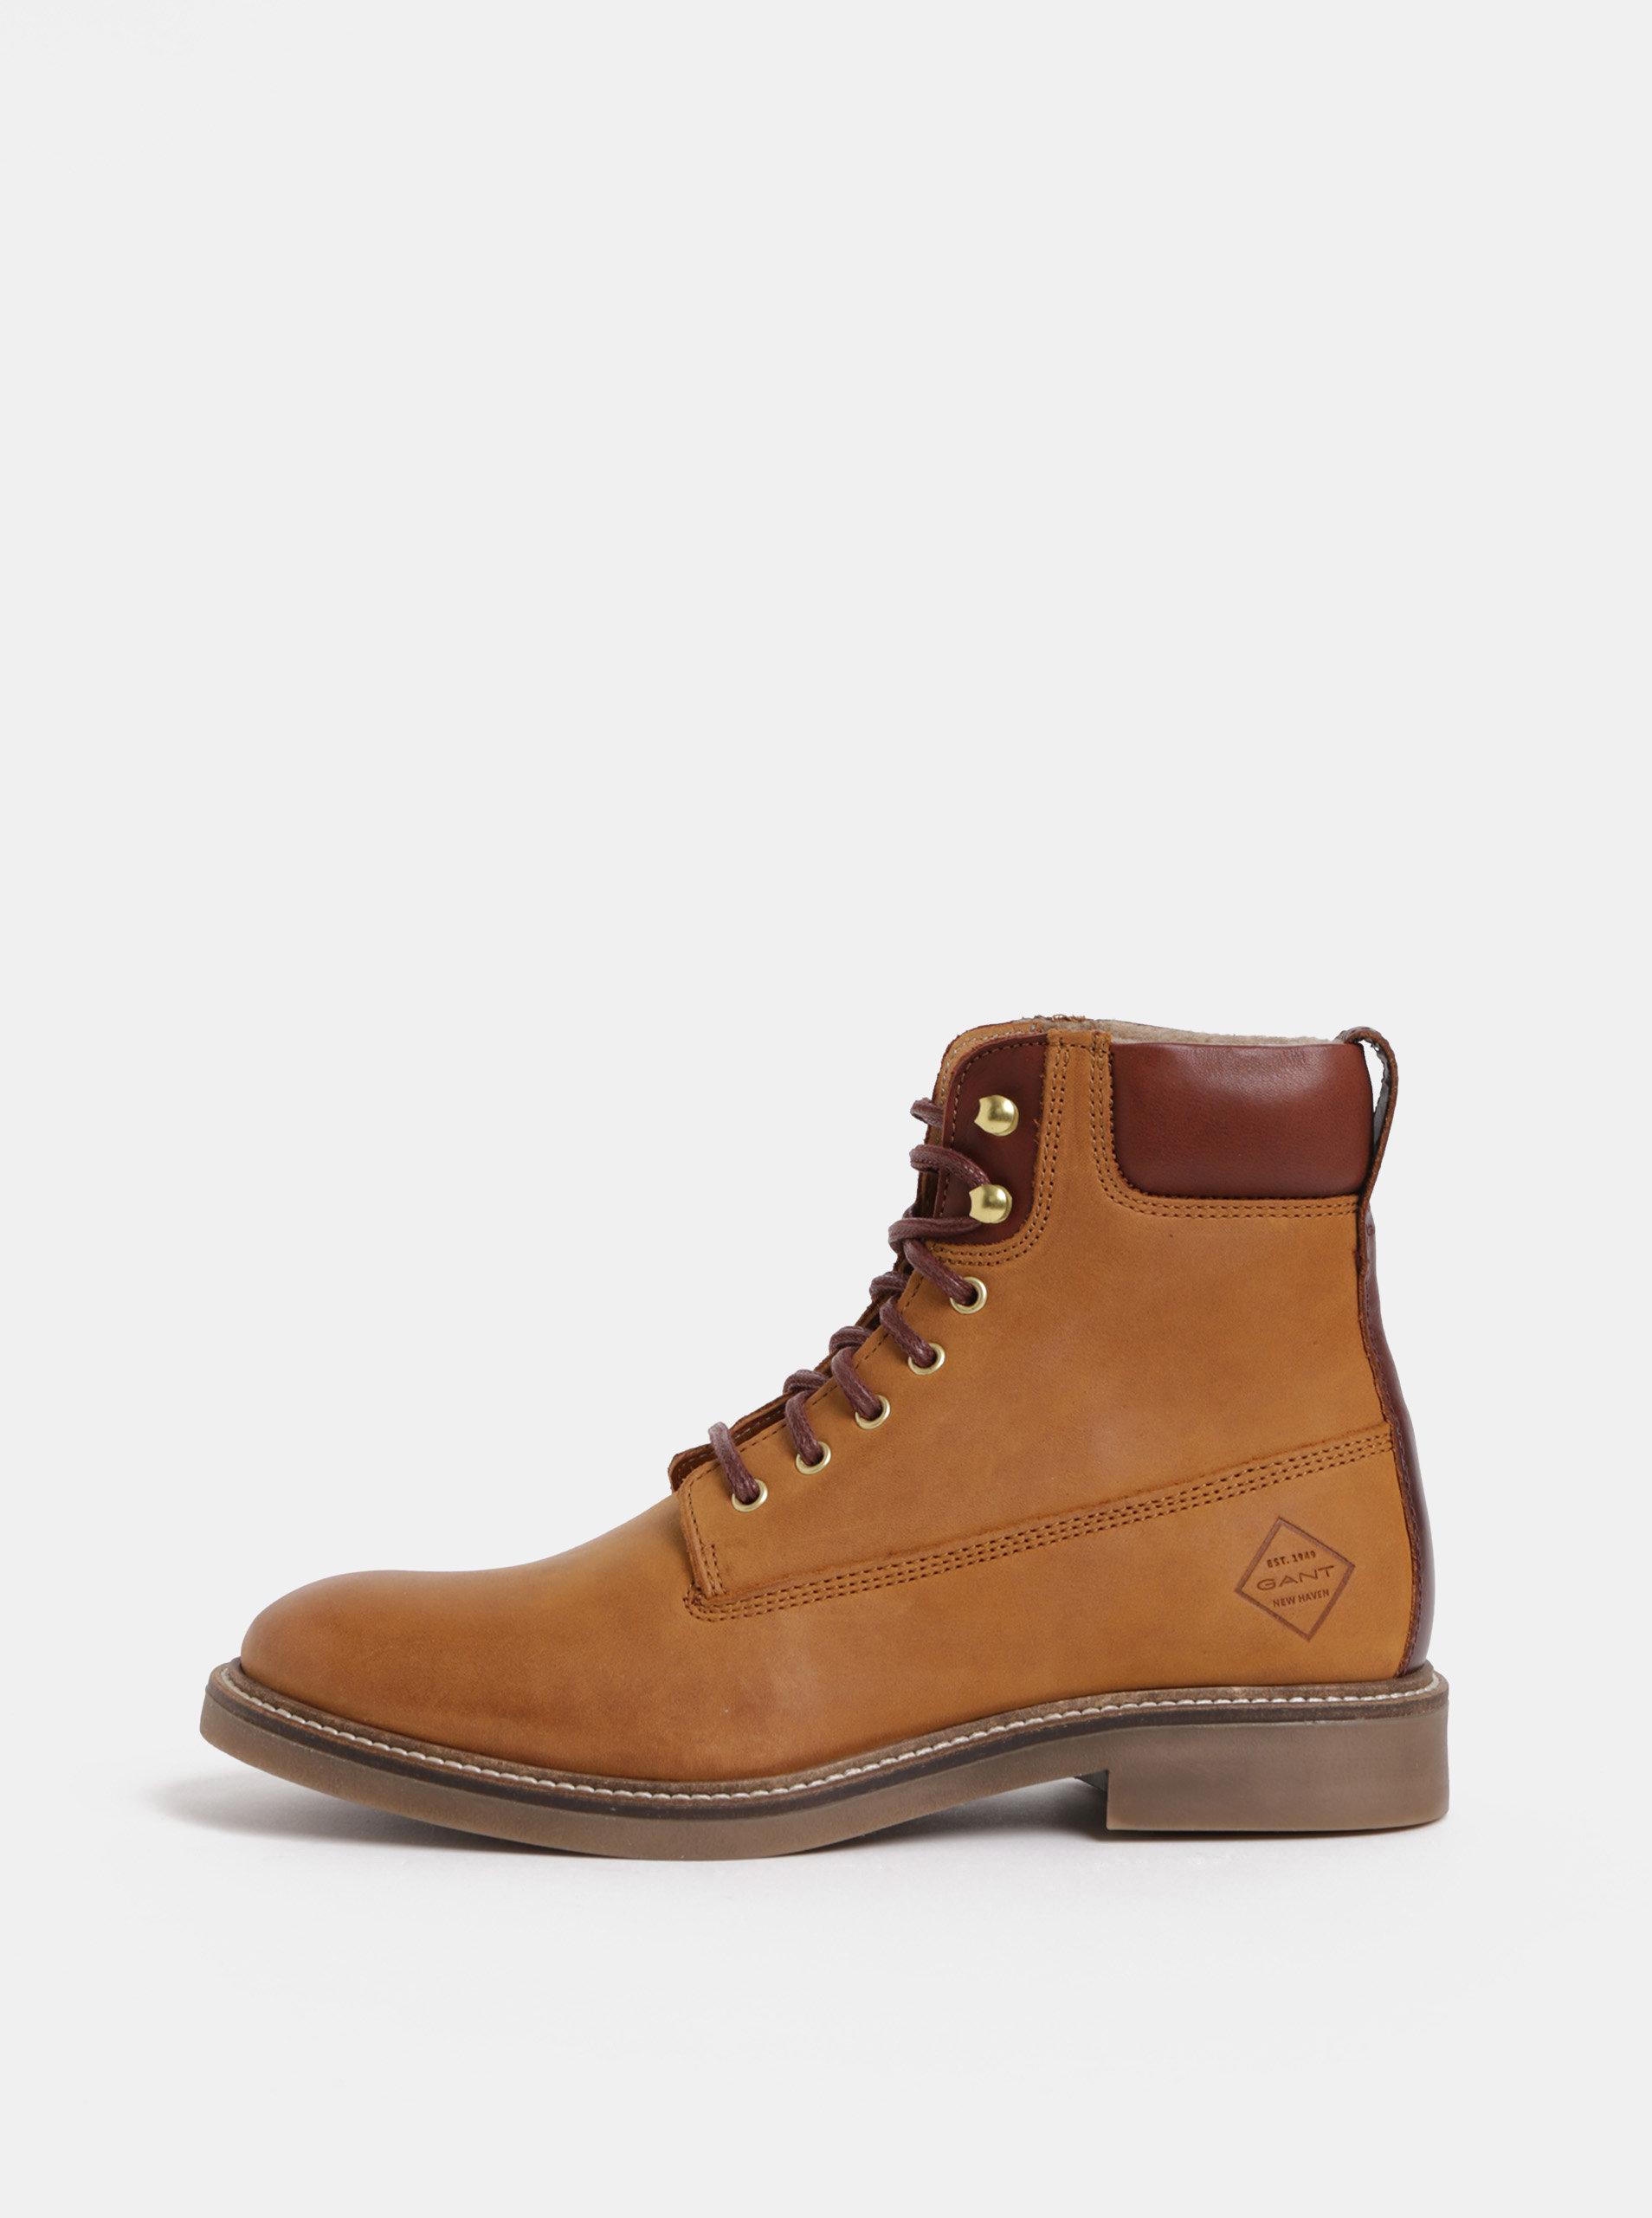 Hnedé dámske kožené členkové zimné topánky GANT Ashley ... c2ba7d2c602